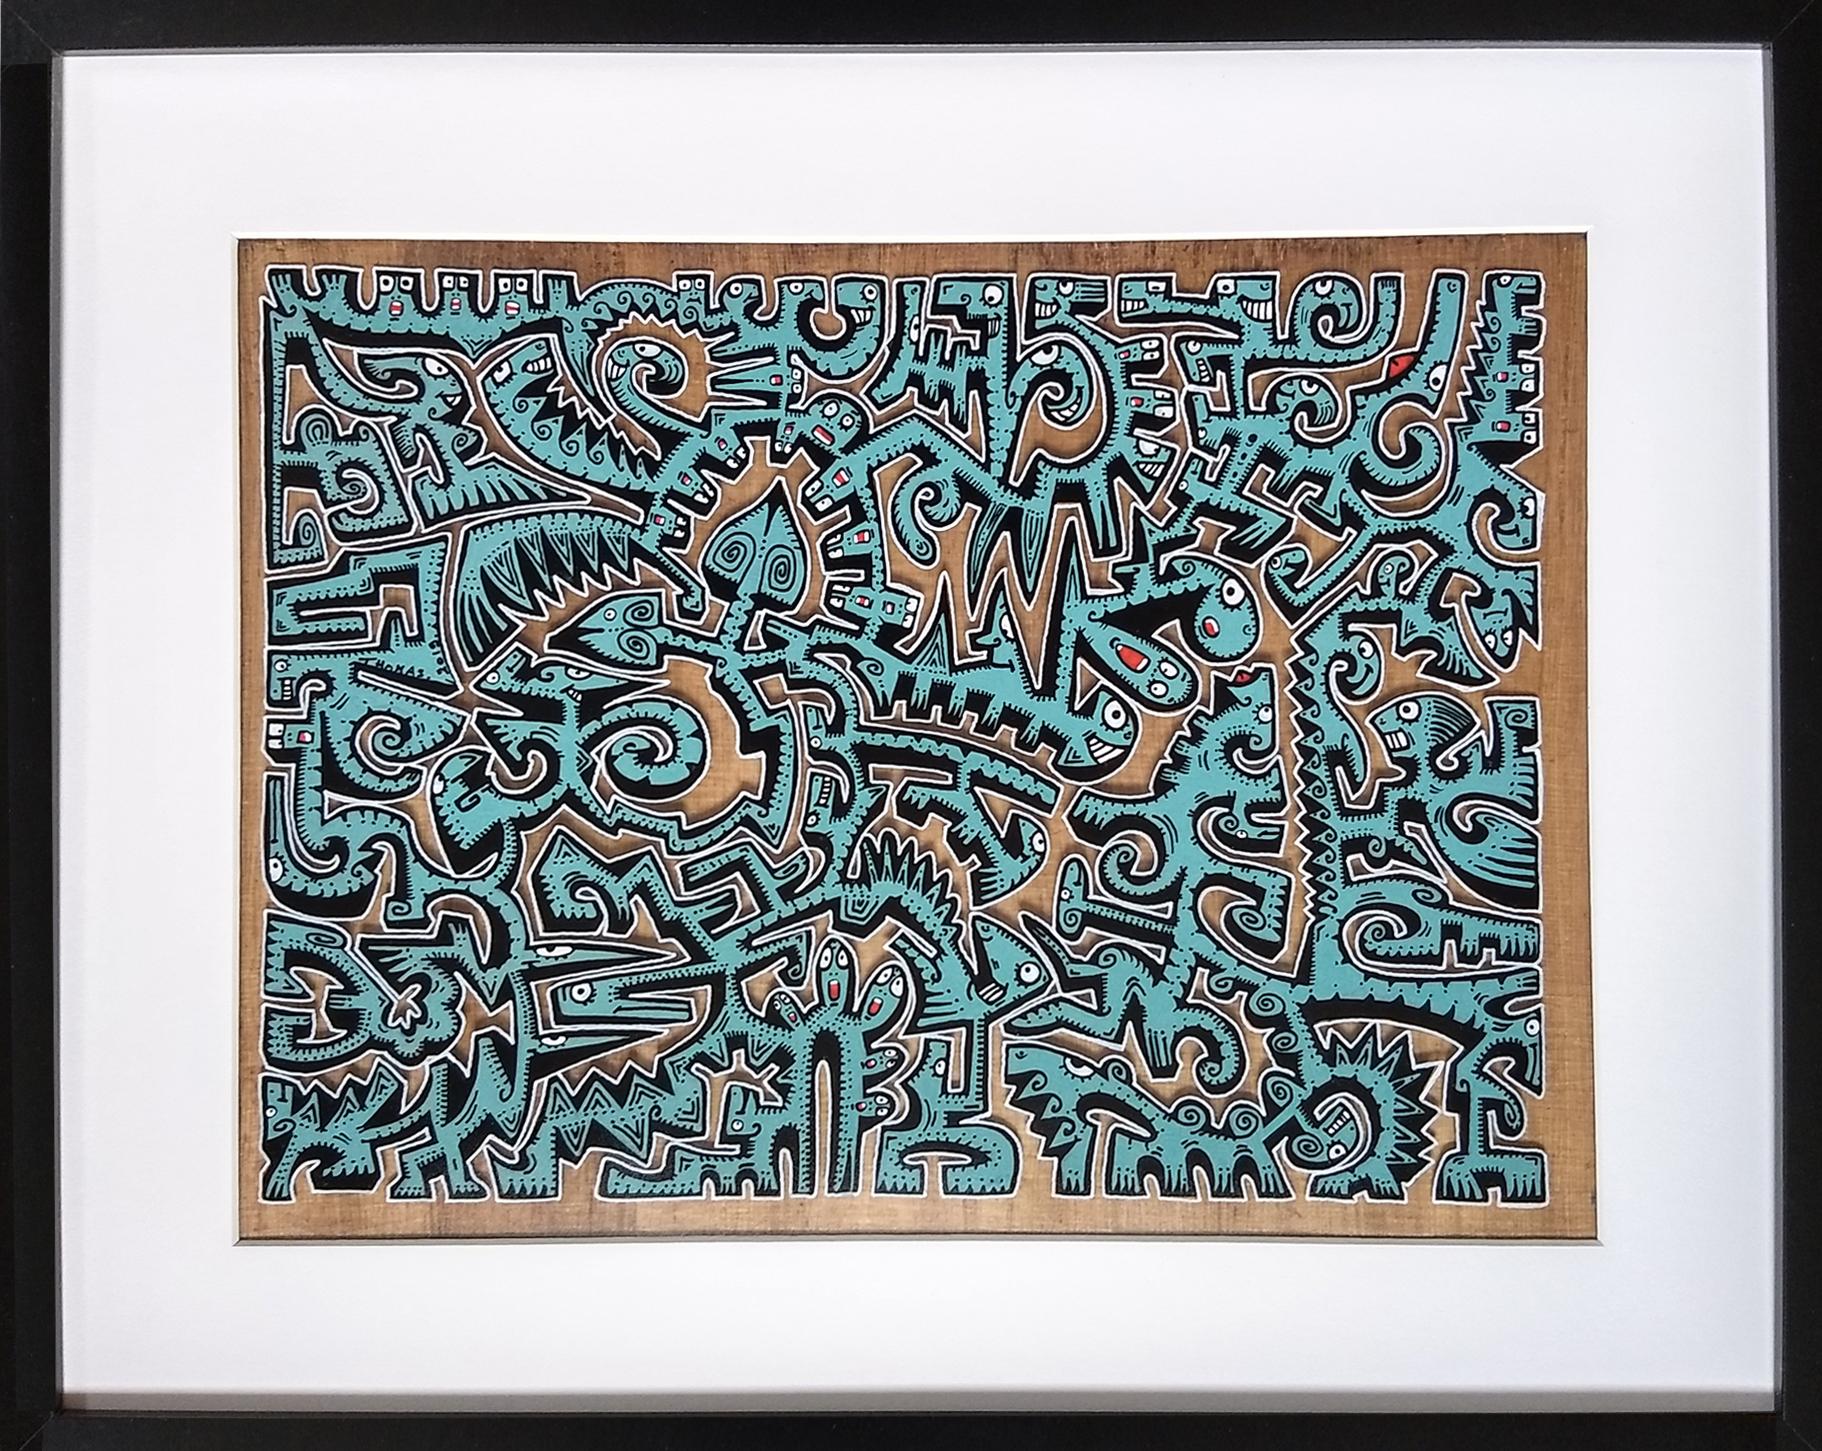 Titre : MT3/ feutres acrylique sur translucide/ / fond papyrus antique/format avec cadre : 52.5/42 cm/ prix : 90 euros